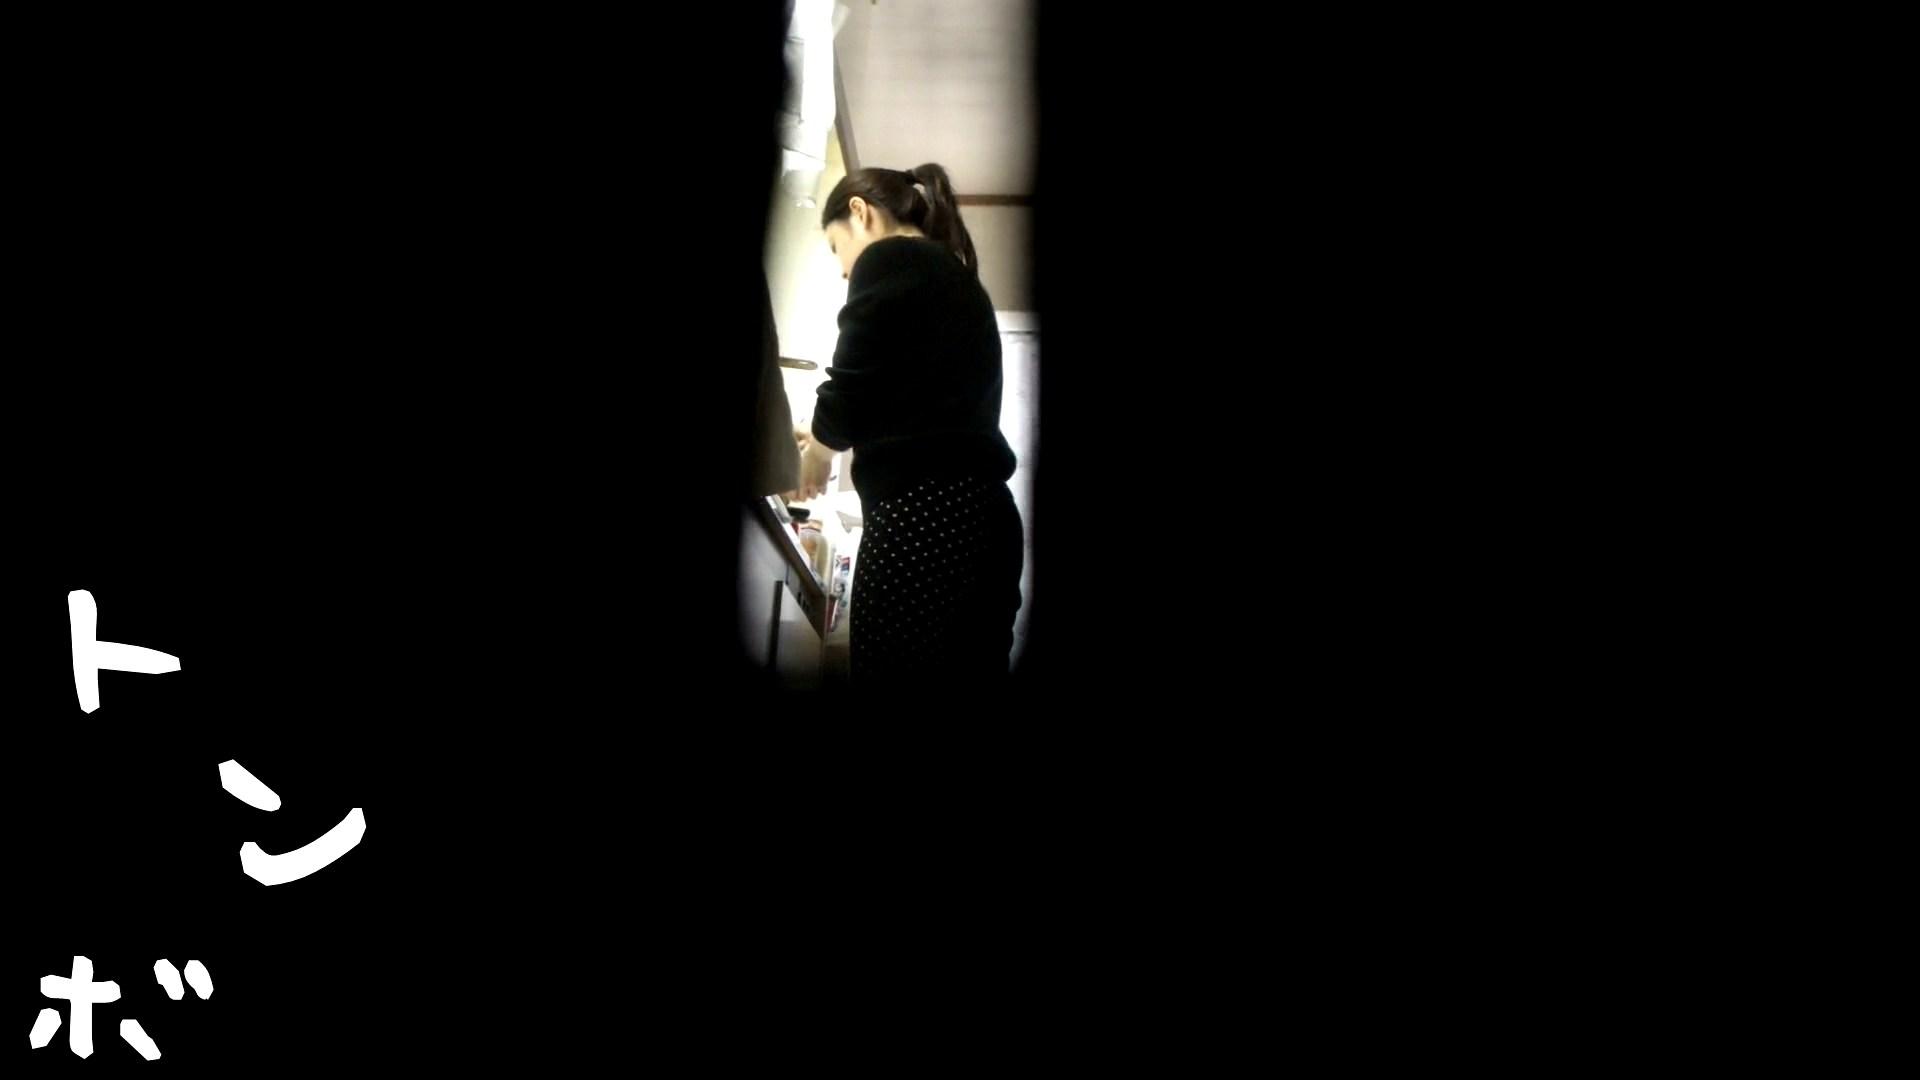 リアル盗撮 美人服飾専門学生の私生活 美女 おめこ無修正動画無料 88枚 27